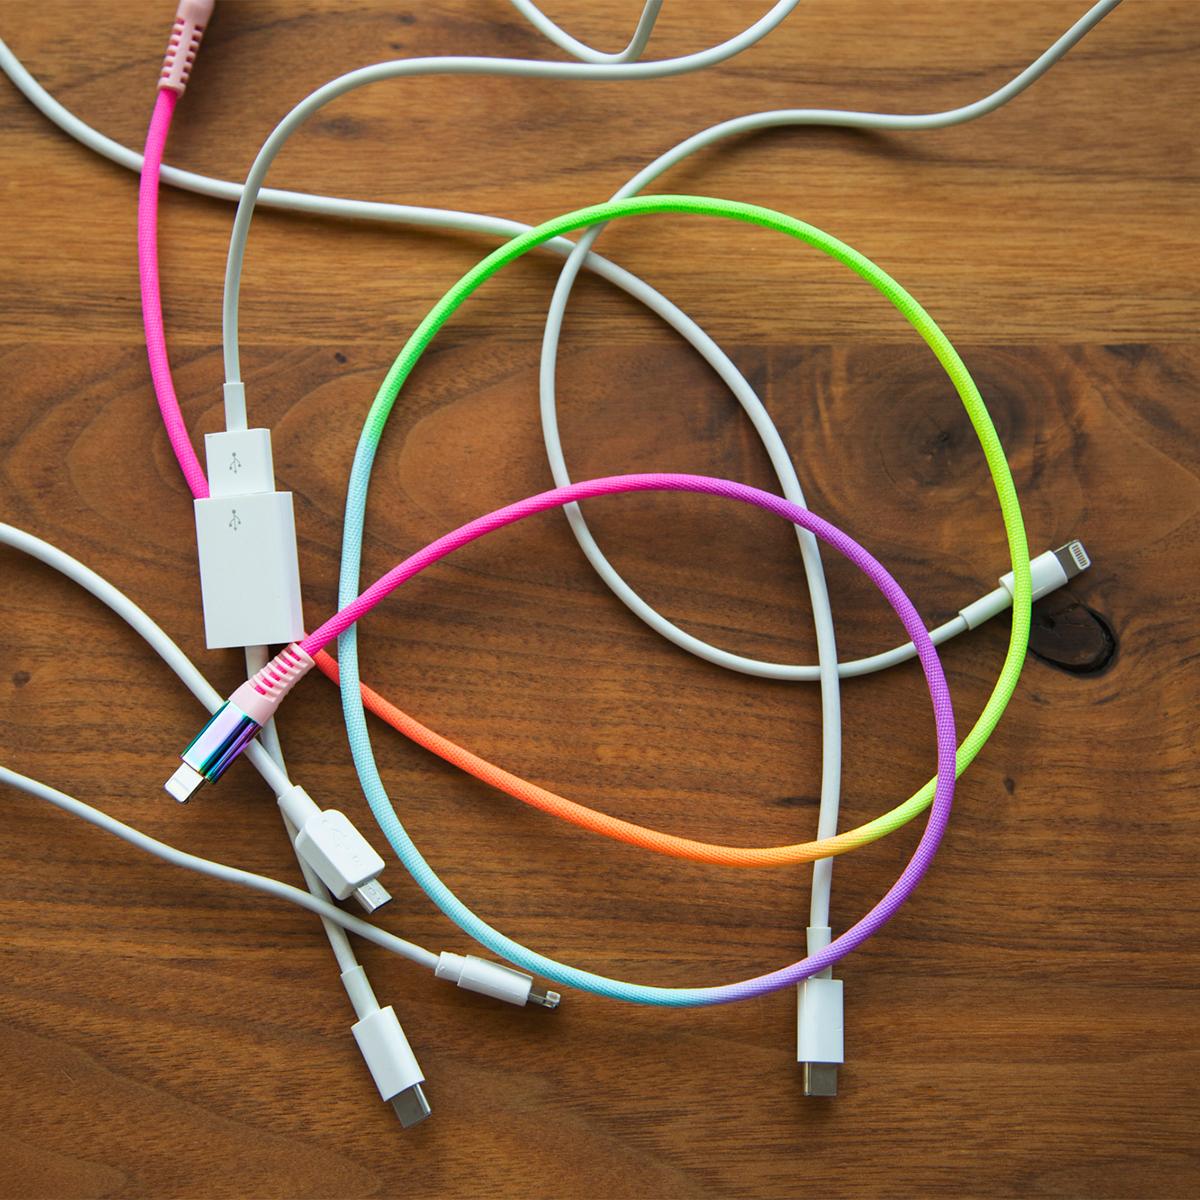 蛍光色のグラデーションに気分が上がる。断線しにくく丈夫、ひと目でわかる存在感の「Lightning USBケーブル」| addip